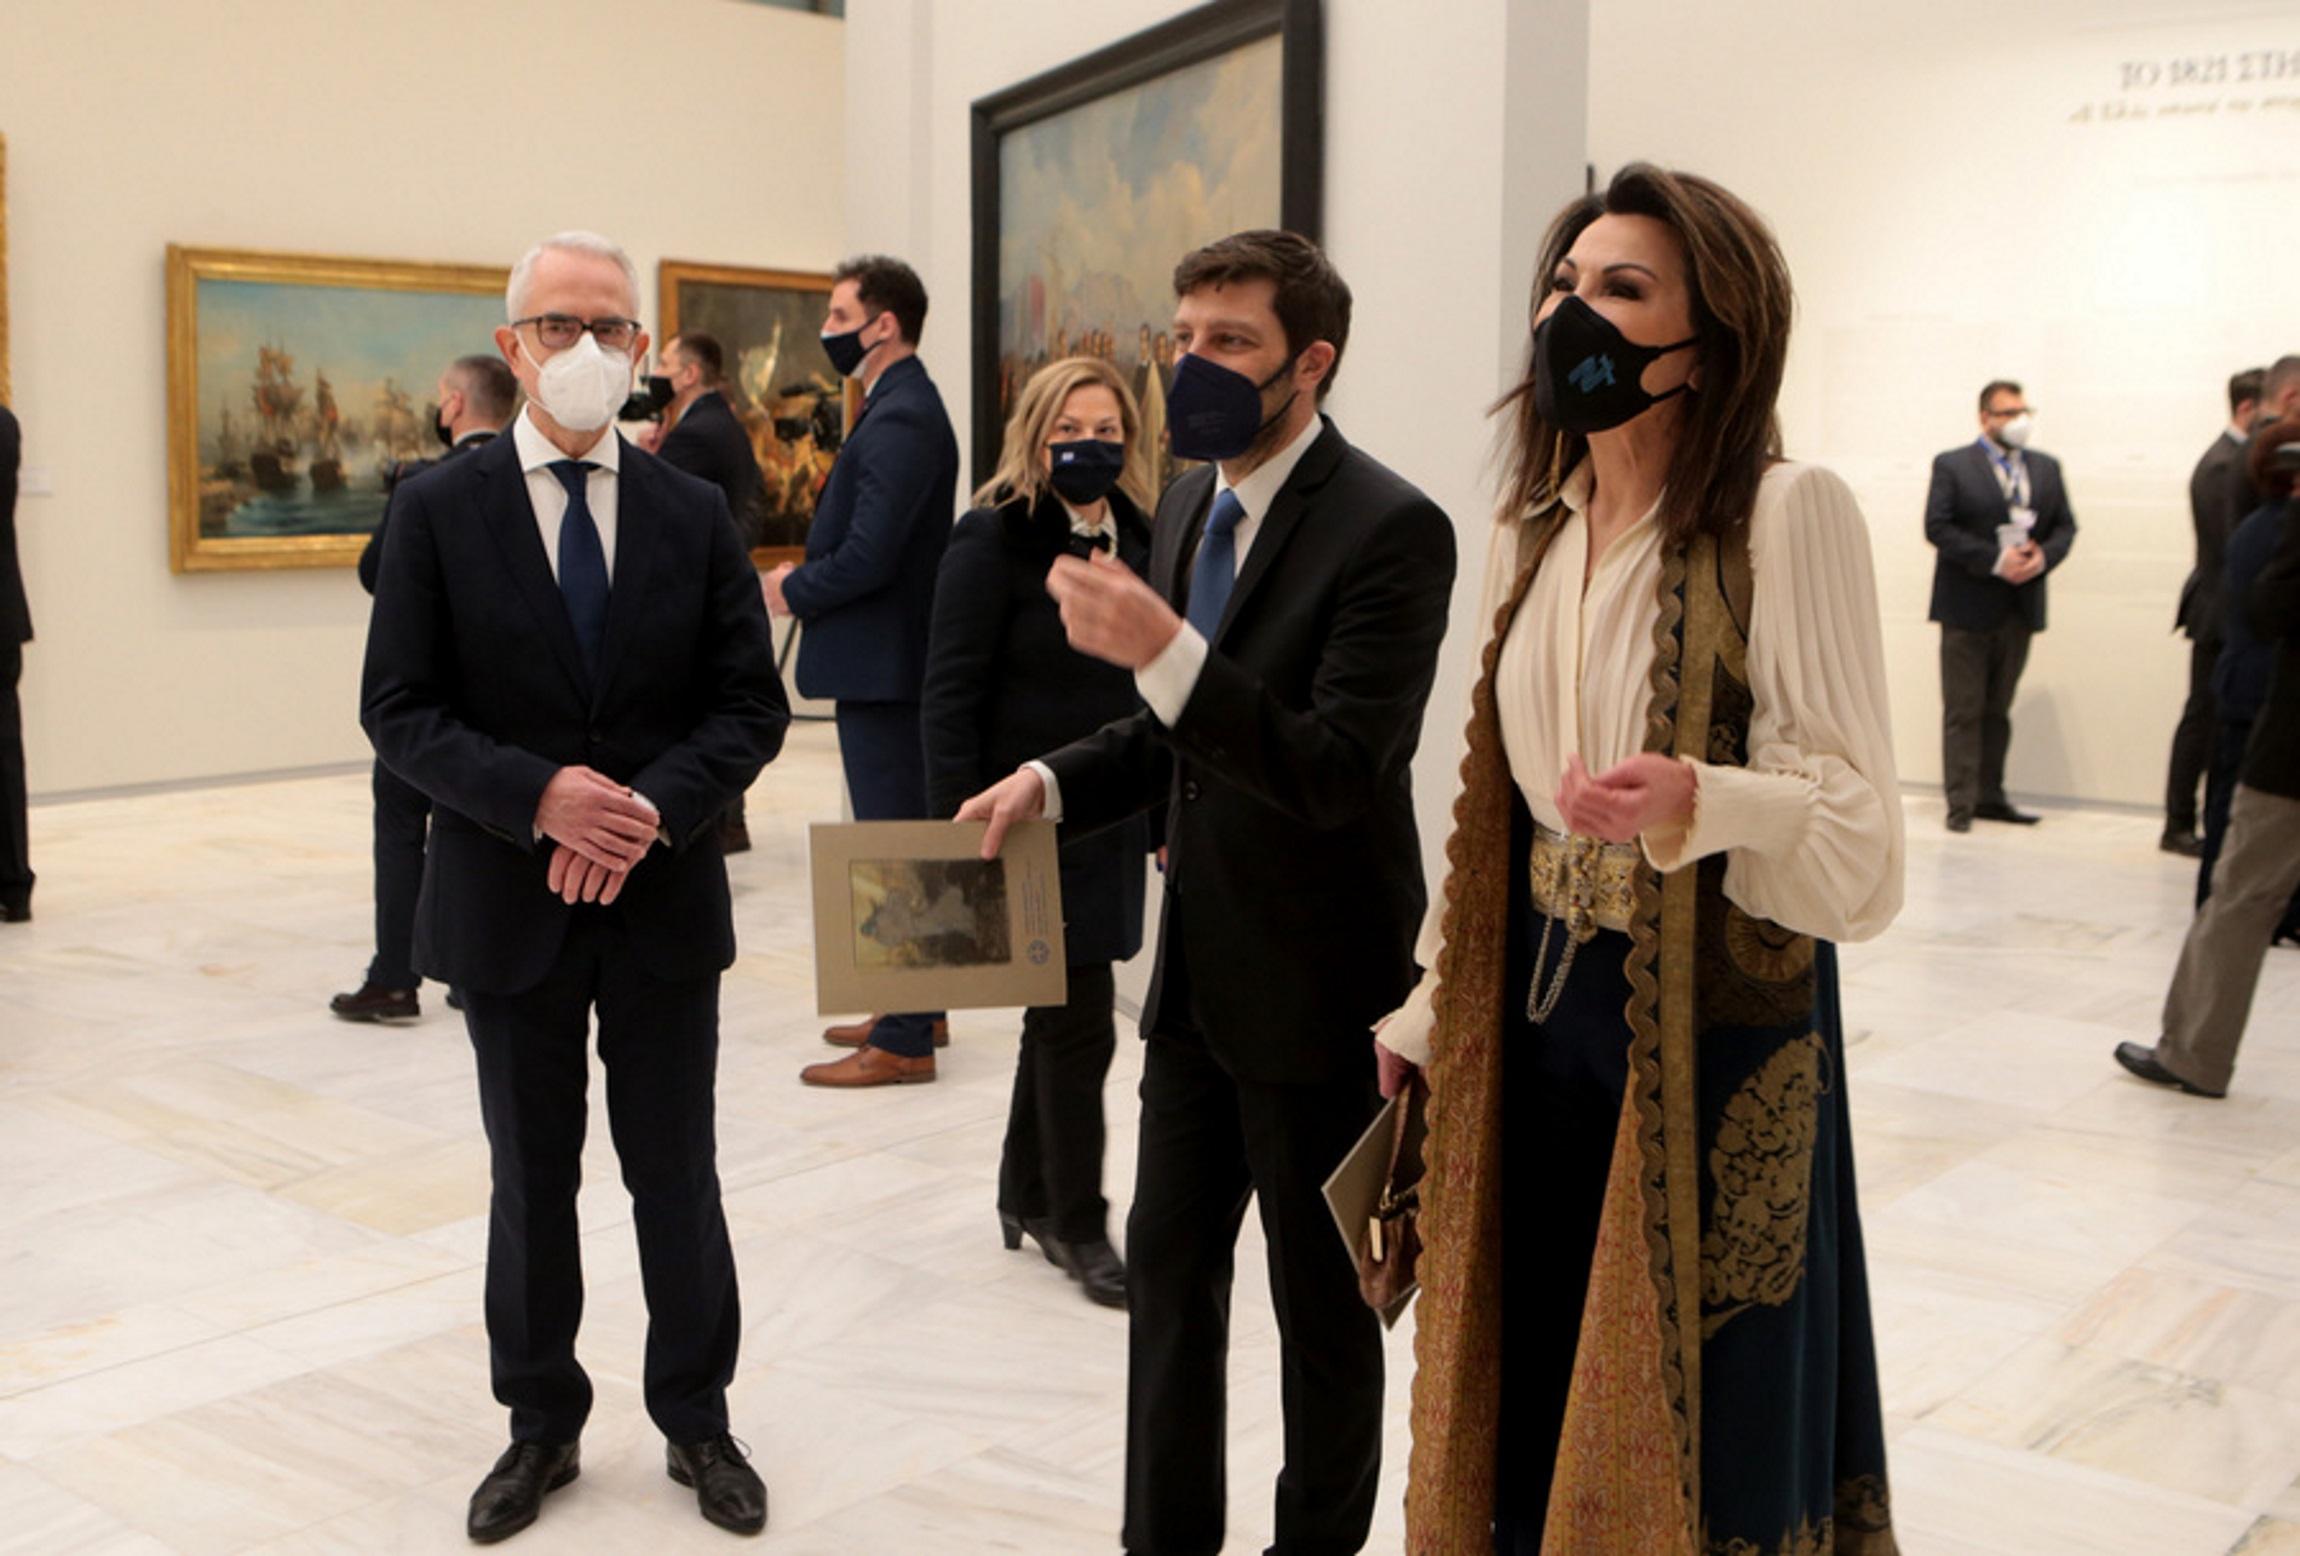 Γιάννα Αγγελοπούλου: Η εμφάνιση που συγκέντρωσε τα βλέμματα στην Εθνική Πινακοθήκη (pics)